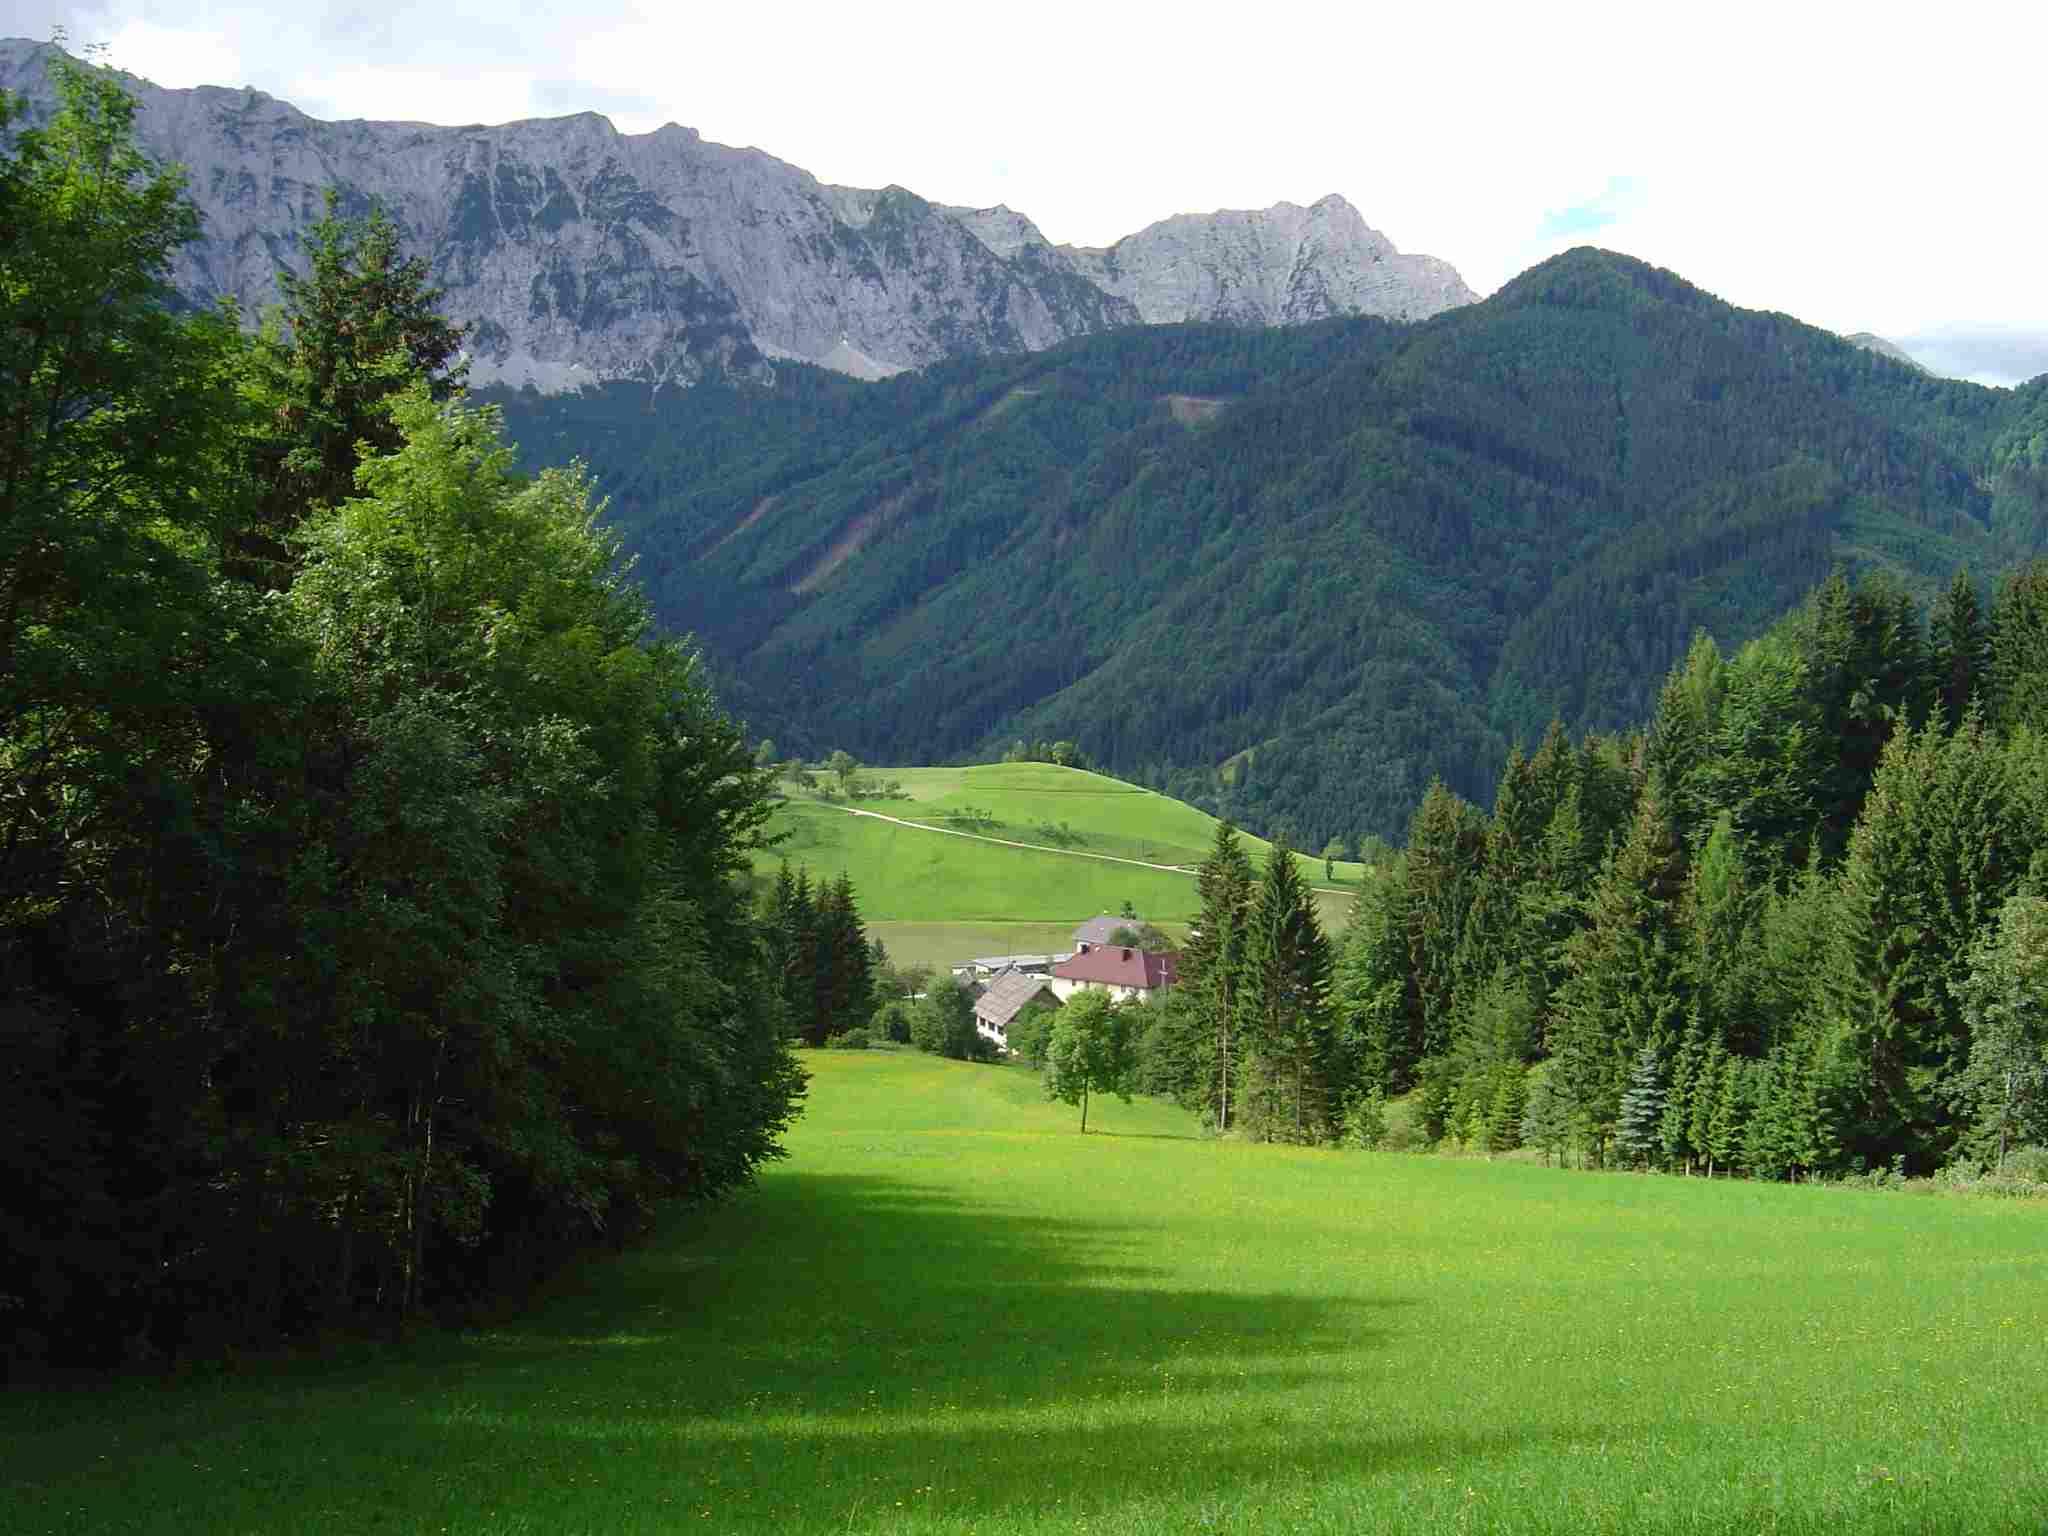 Foto: Manfred Karl / Wander Tour / Freiberg (Setitsche), 1923 m / Etwas oberhalb des Ausgangspunktes Zell Pfarre. / 05.05.2007 18:38:44